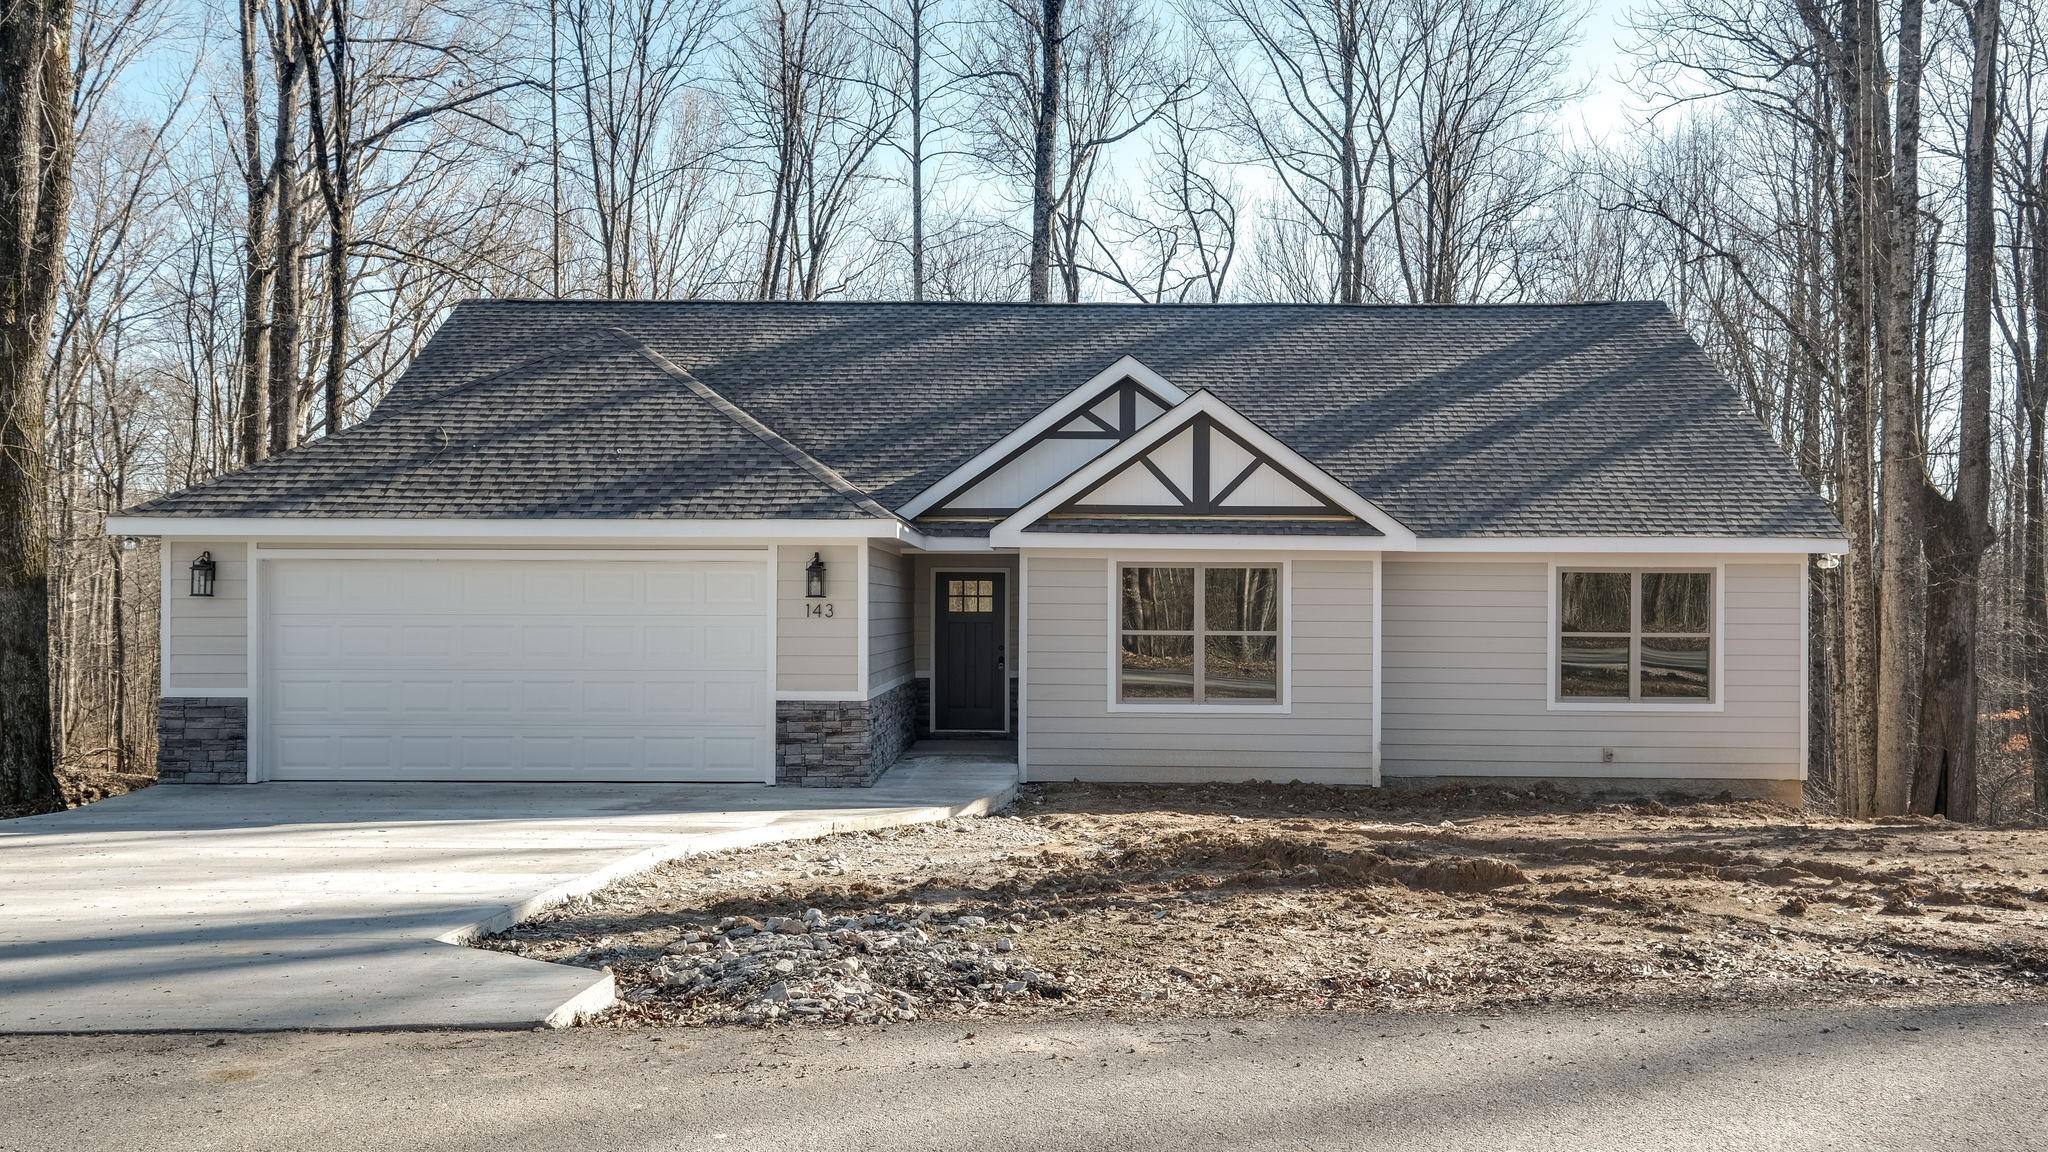 143 Swiper Dr., Smithville, TN 37166 - Smithville, TN real estate listing